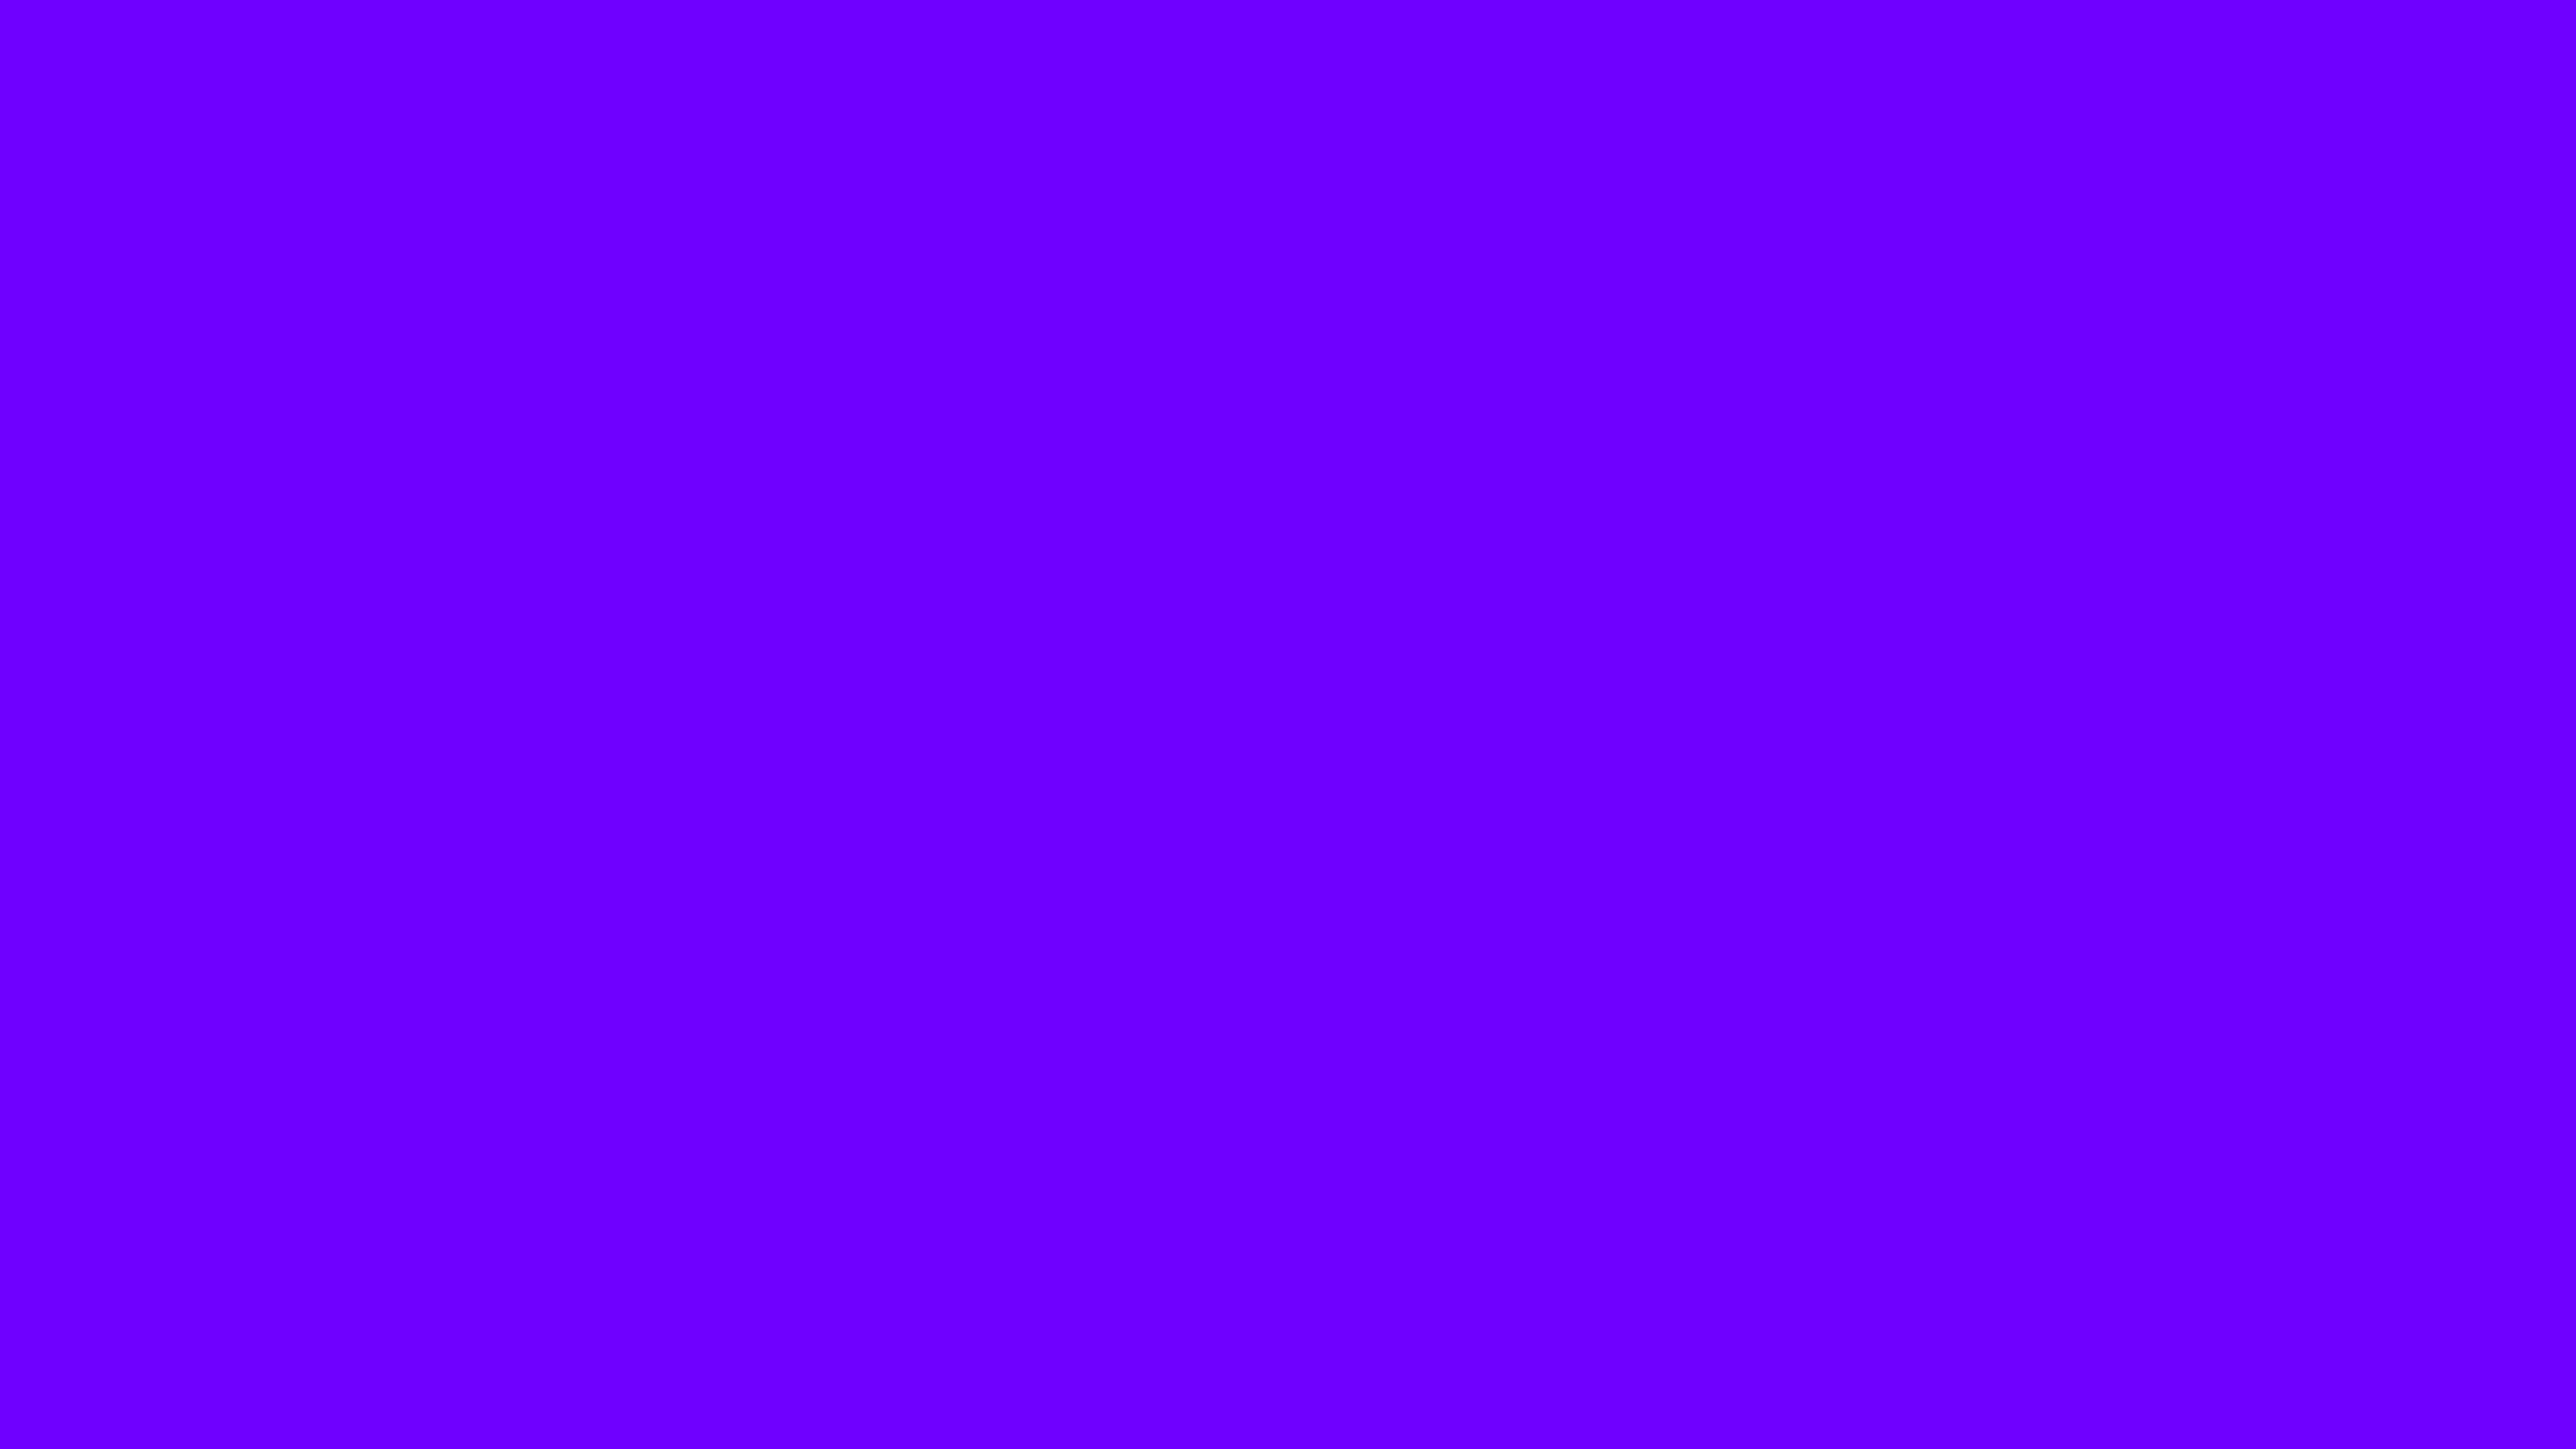 3840x2160 Indigo Solid Color Background